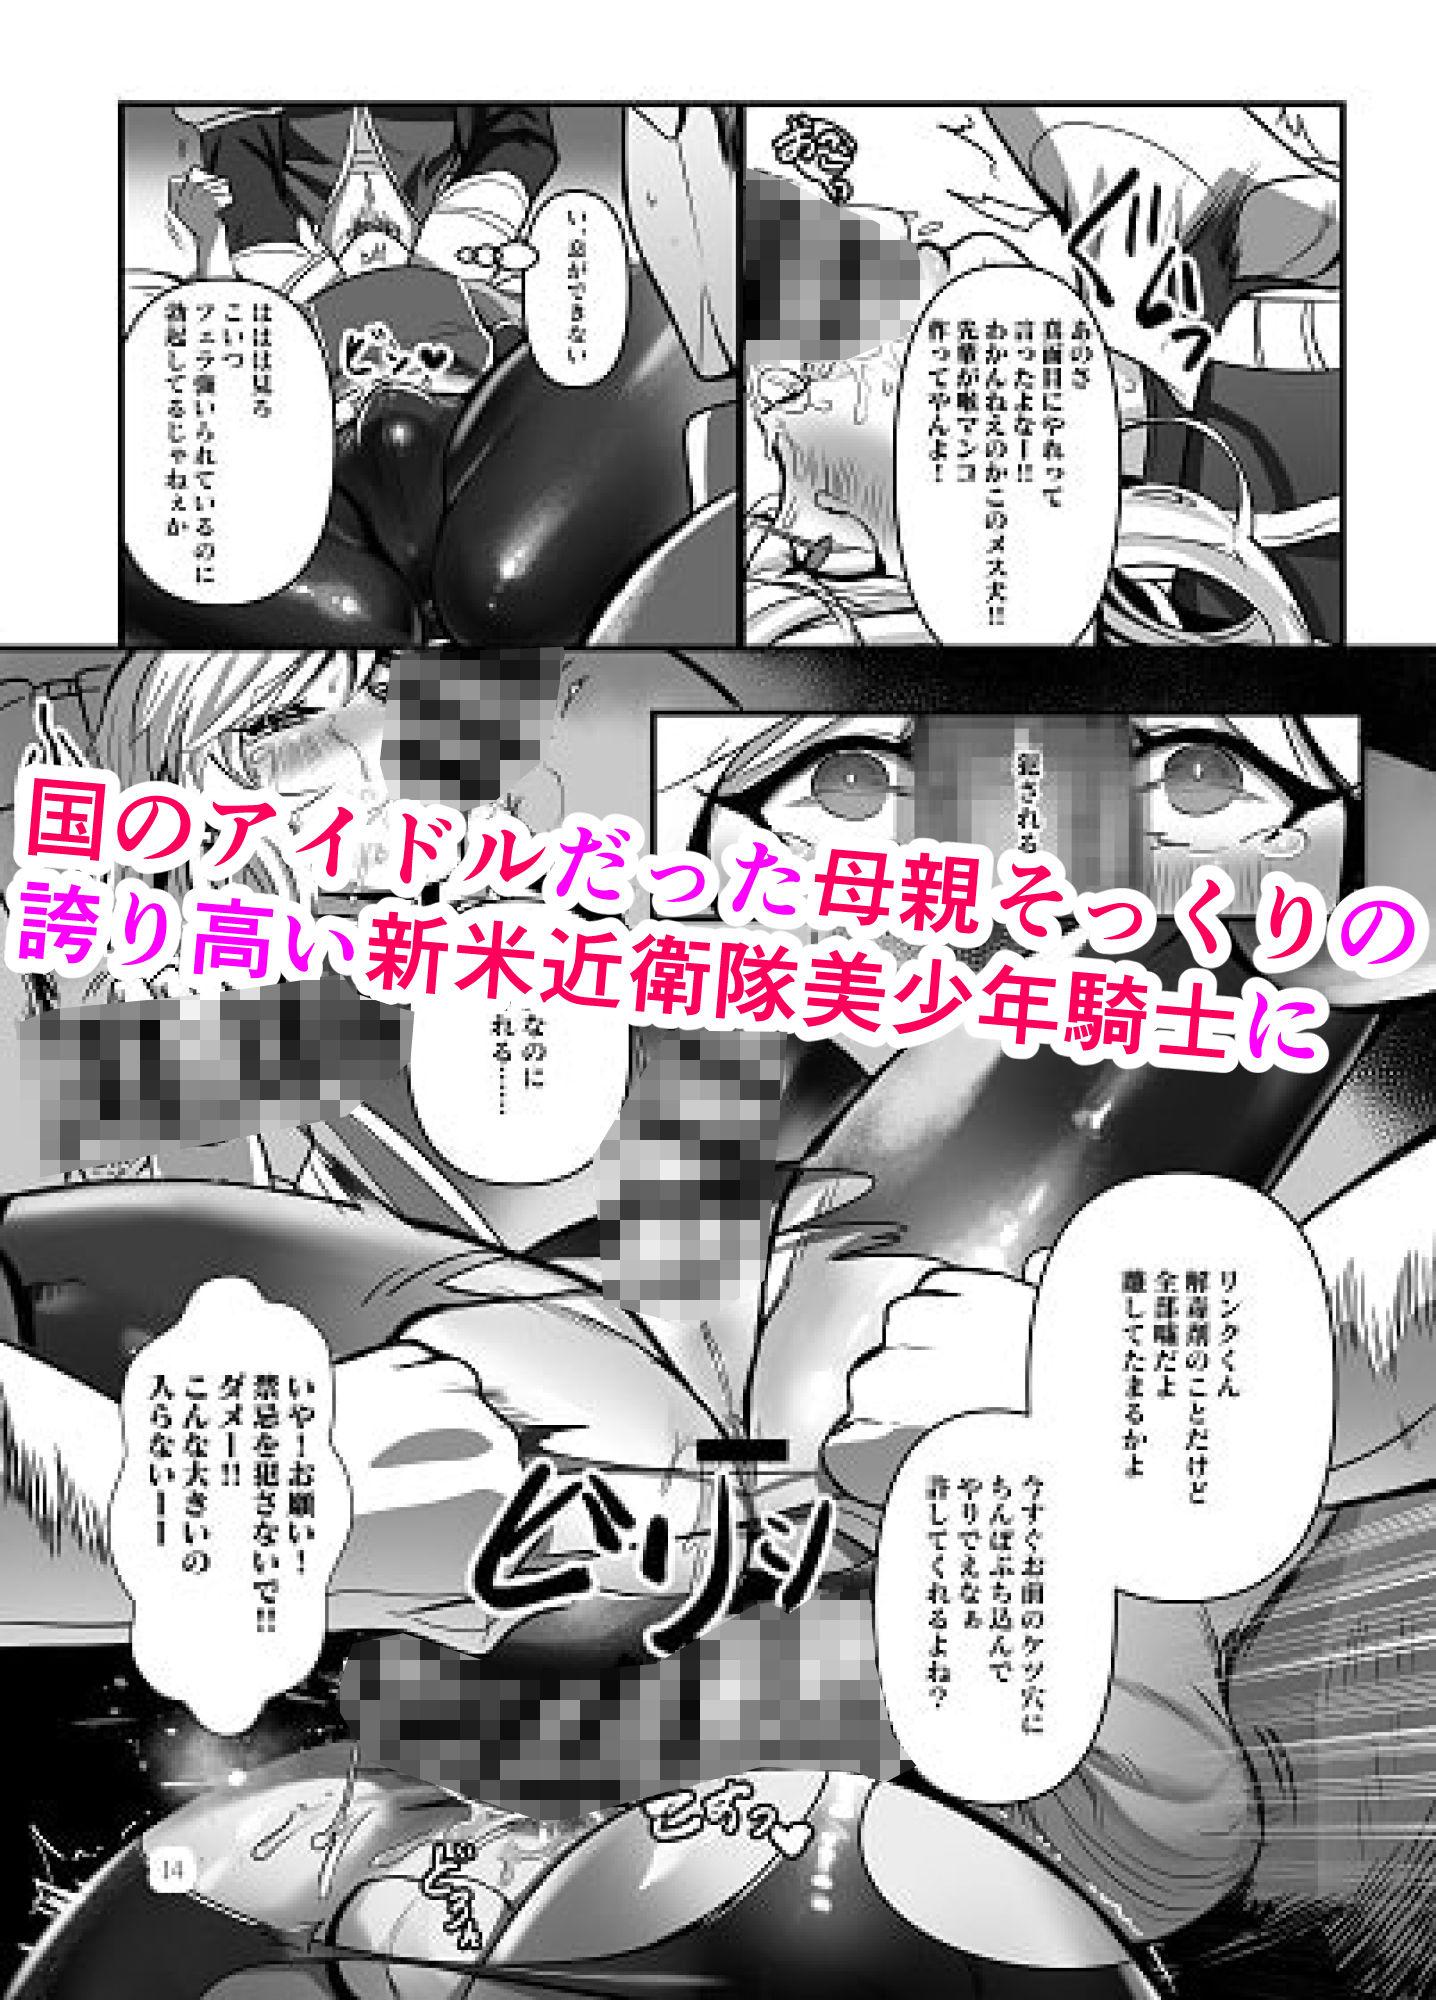 近衛隊の贄勇者ー隊内訓練編ー エロアニメ画像